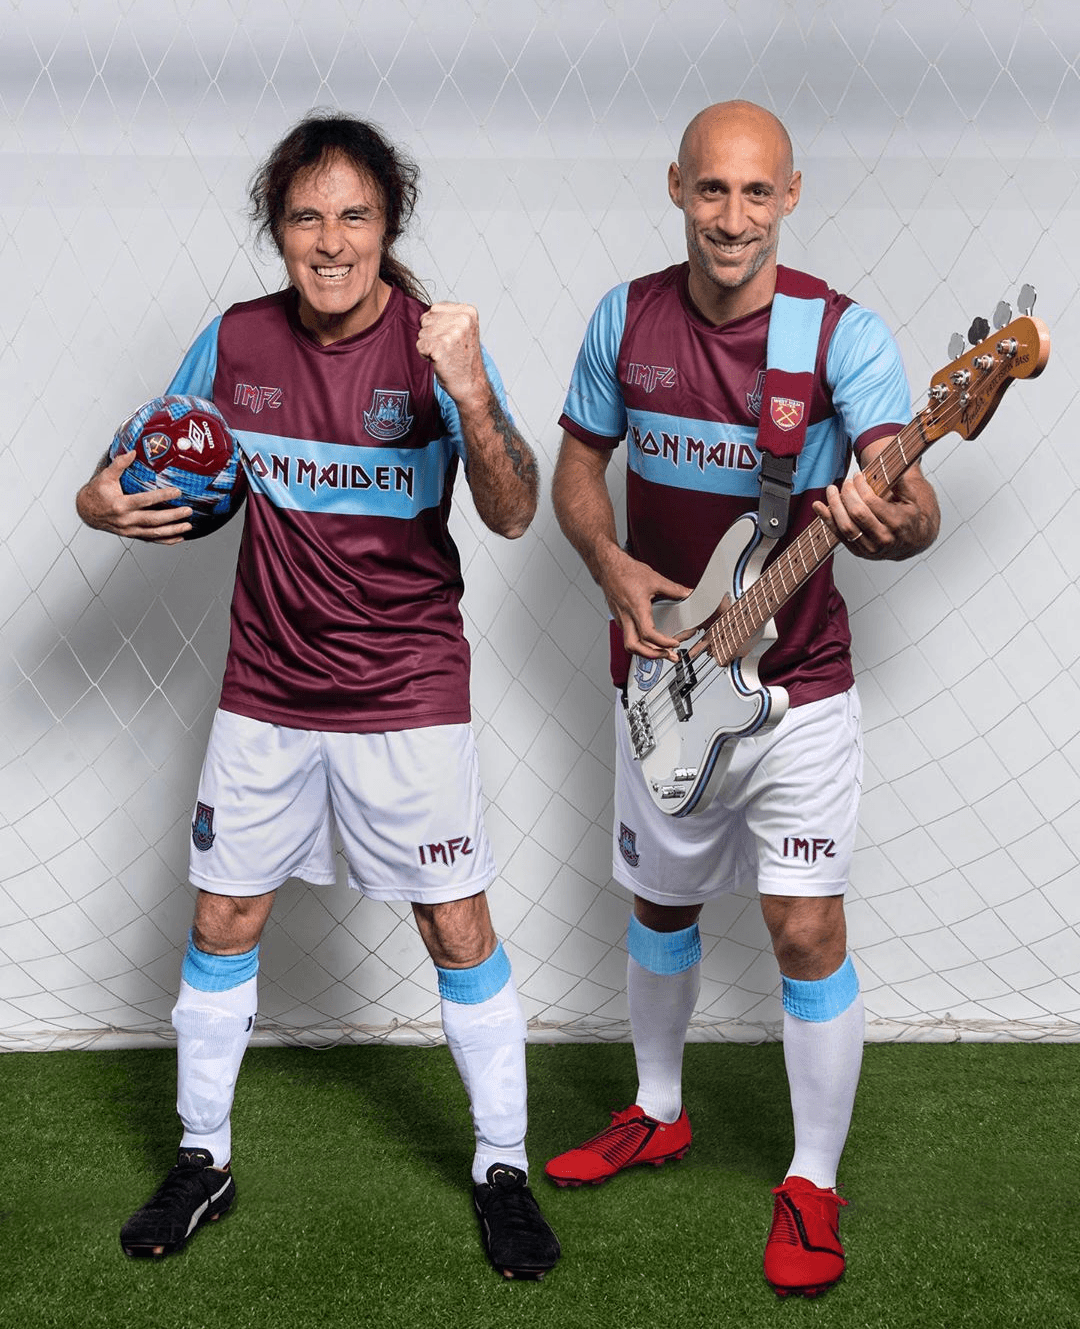 West Ham ed Iron Maiden finalmente insieme